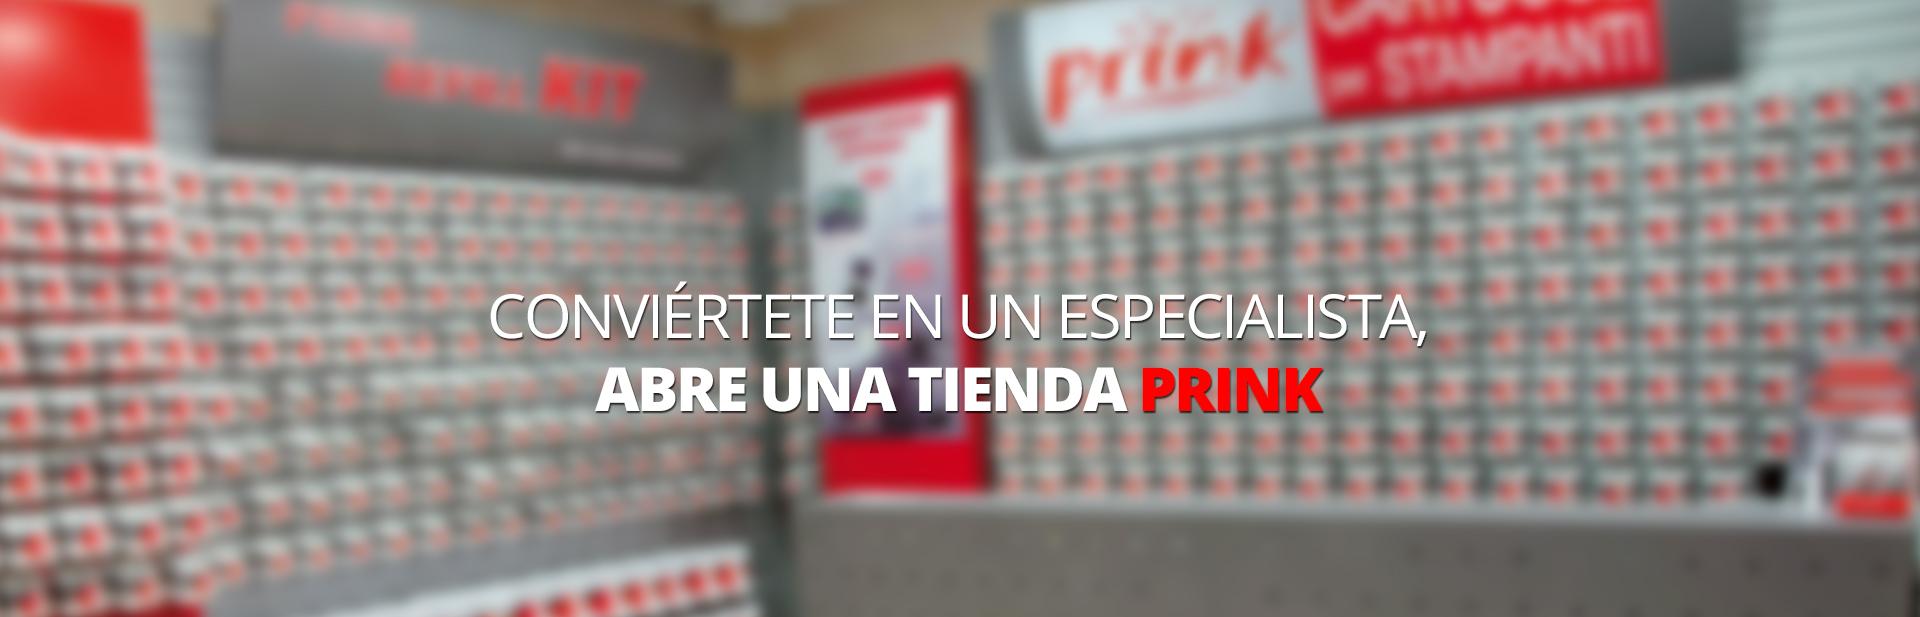 abre-una-tienda-Prink